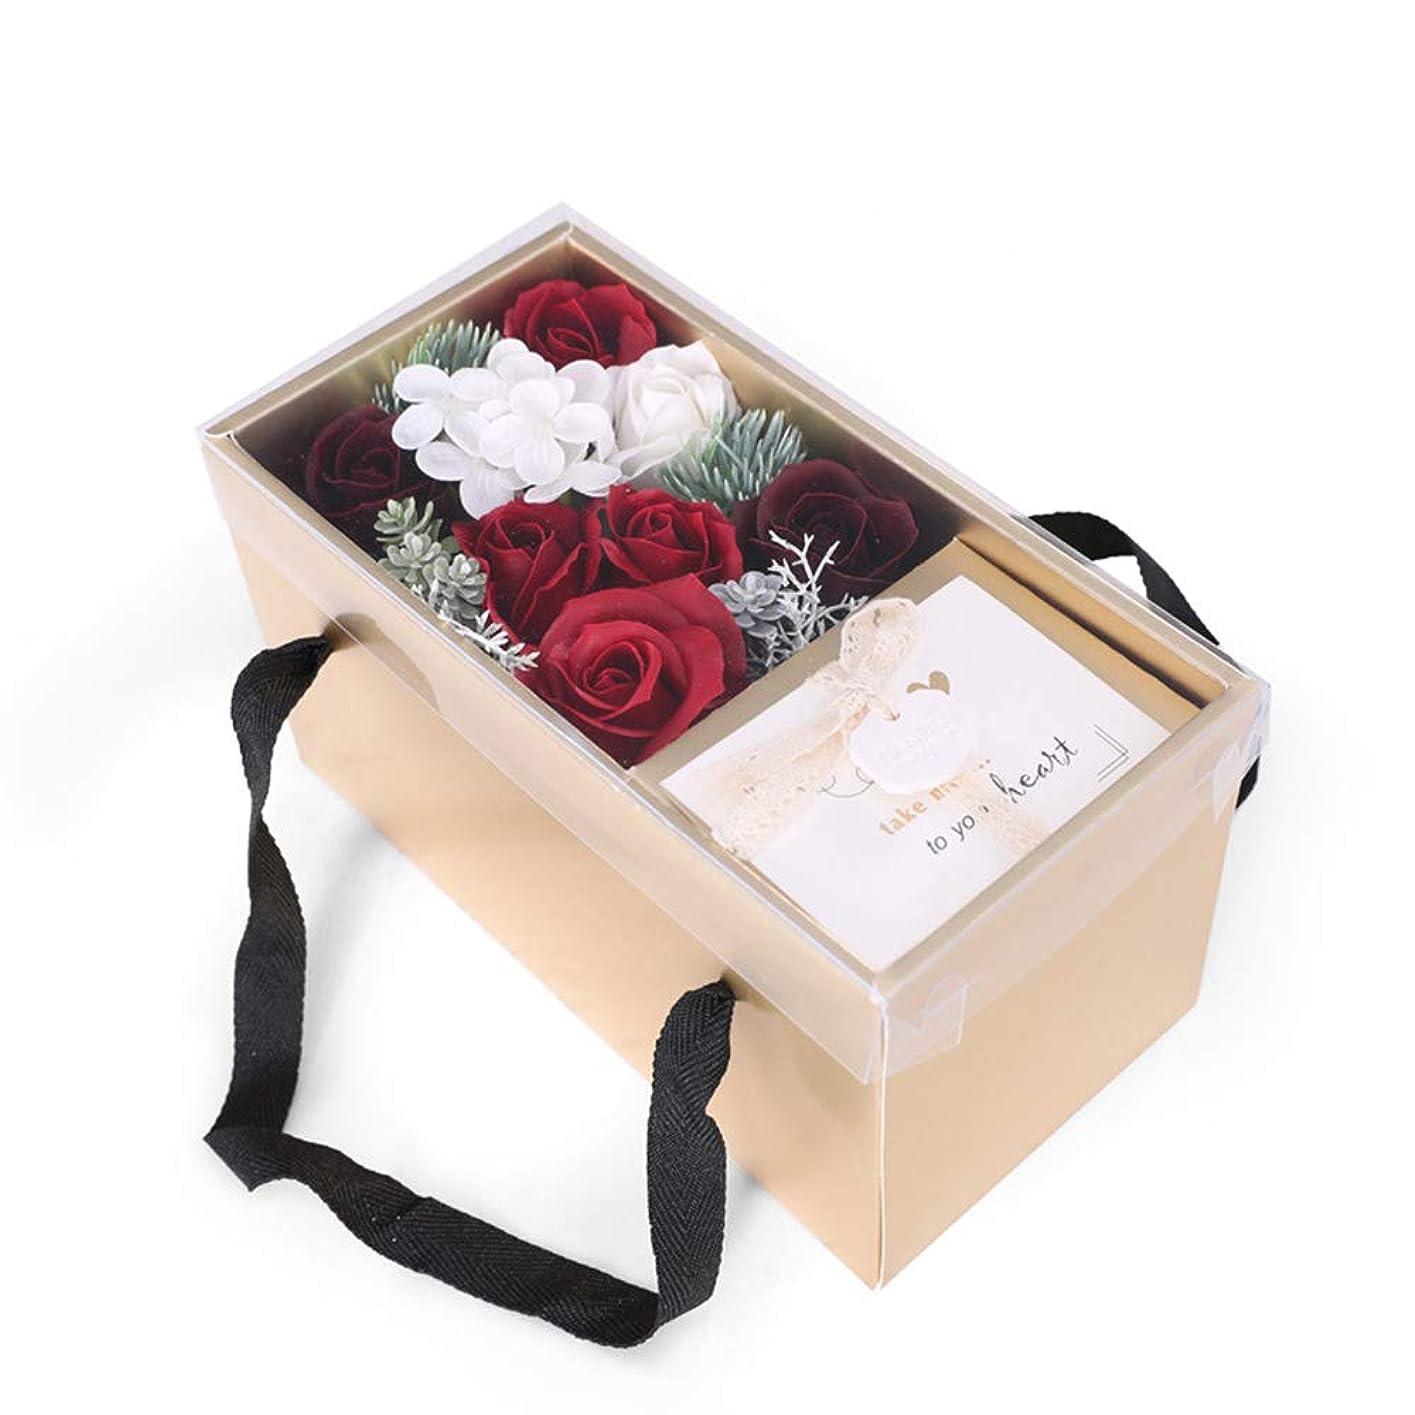 不明瞭扇動おいしいソープフラワー 母の贈り物、花で作られた人工の石鹸の花バラ、記念日の誕生日プレゼントの妻、母の贈り物、女性のためのクリスマスのユニークな贈り物のアイデア、おばあちゃん、おばさん 誕生日 記念日 女性 先生の日 母の日 敬老の日 結婚記念日 クリスマス (色 : 赤)